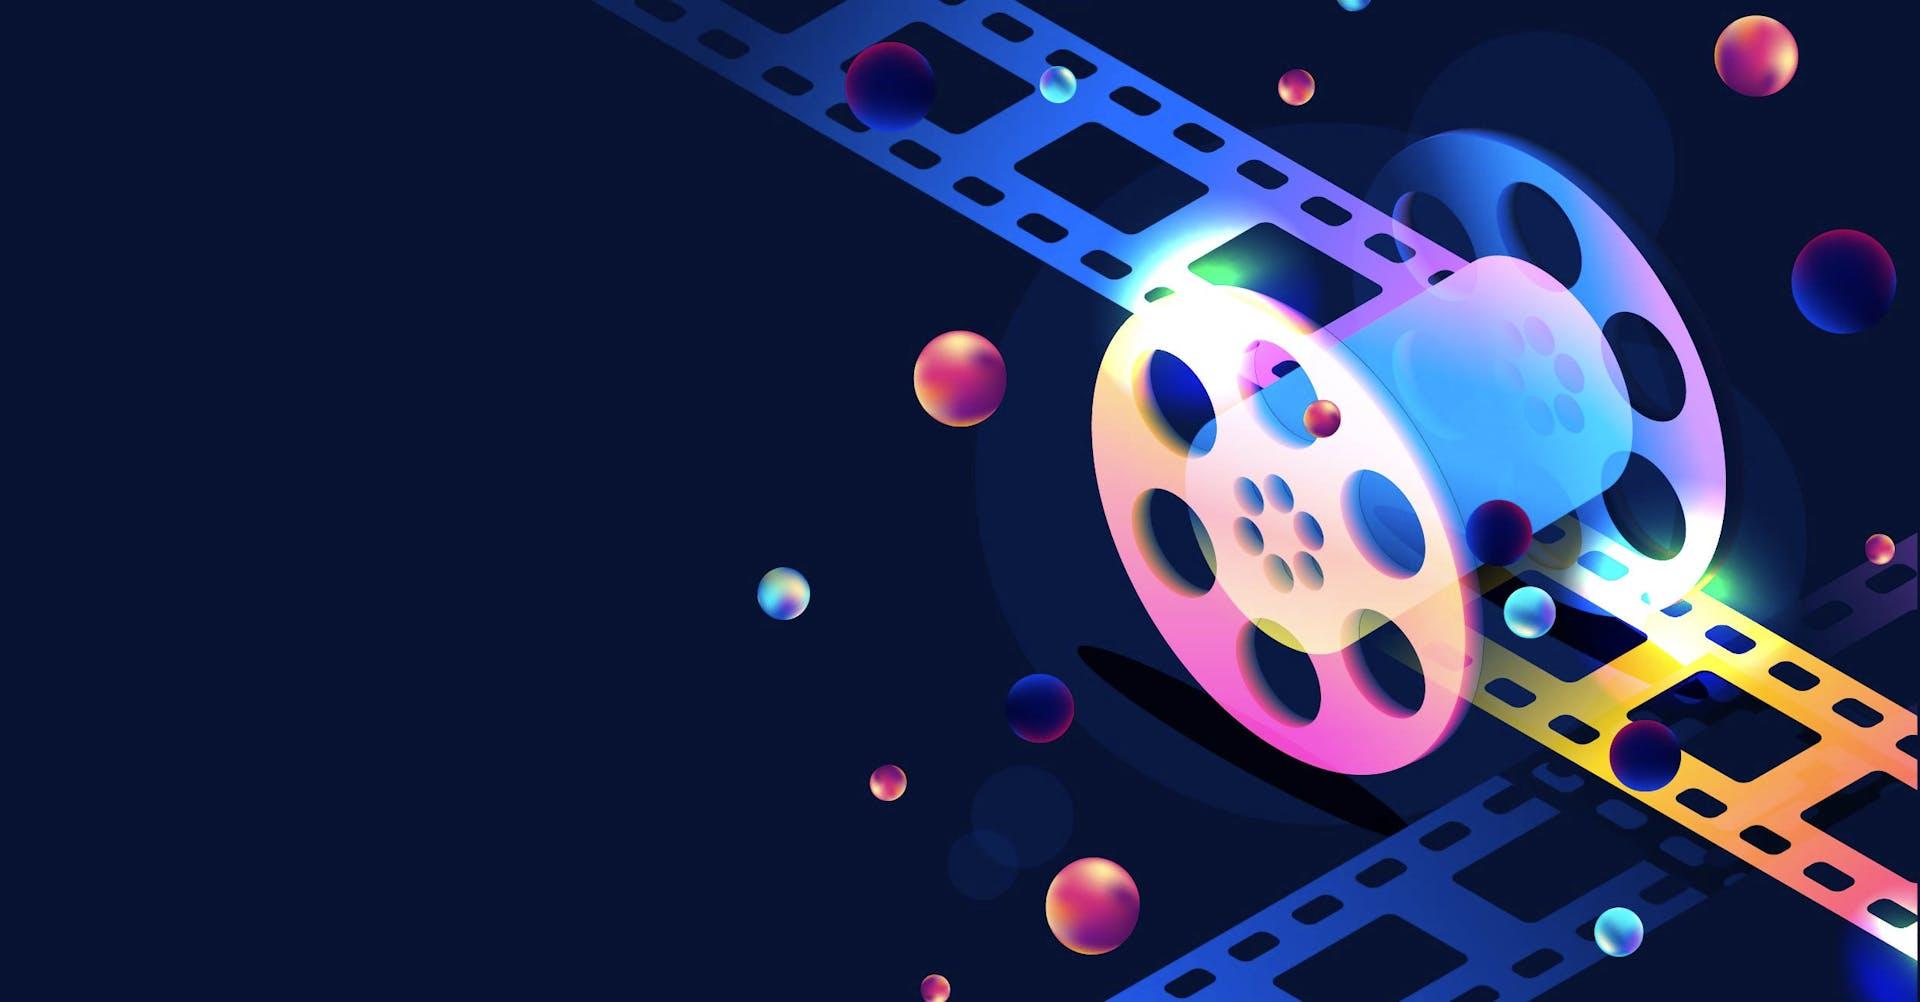 La tecnología y el cine: los cómplices de engañar a nuestro ojo